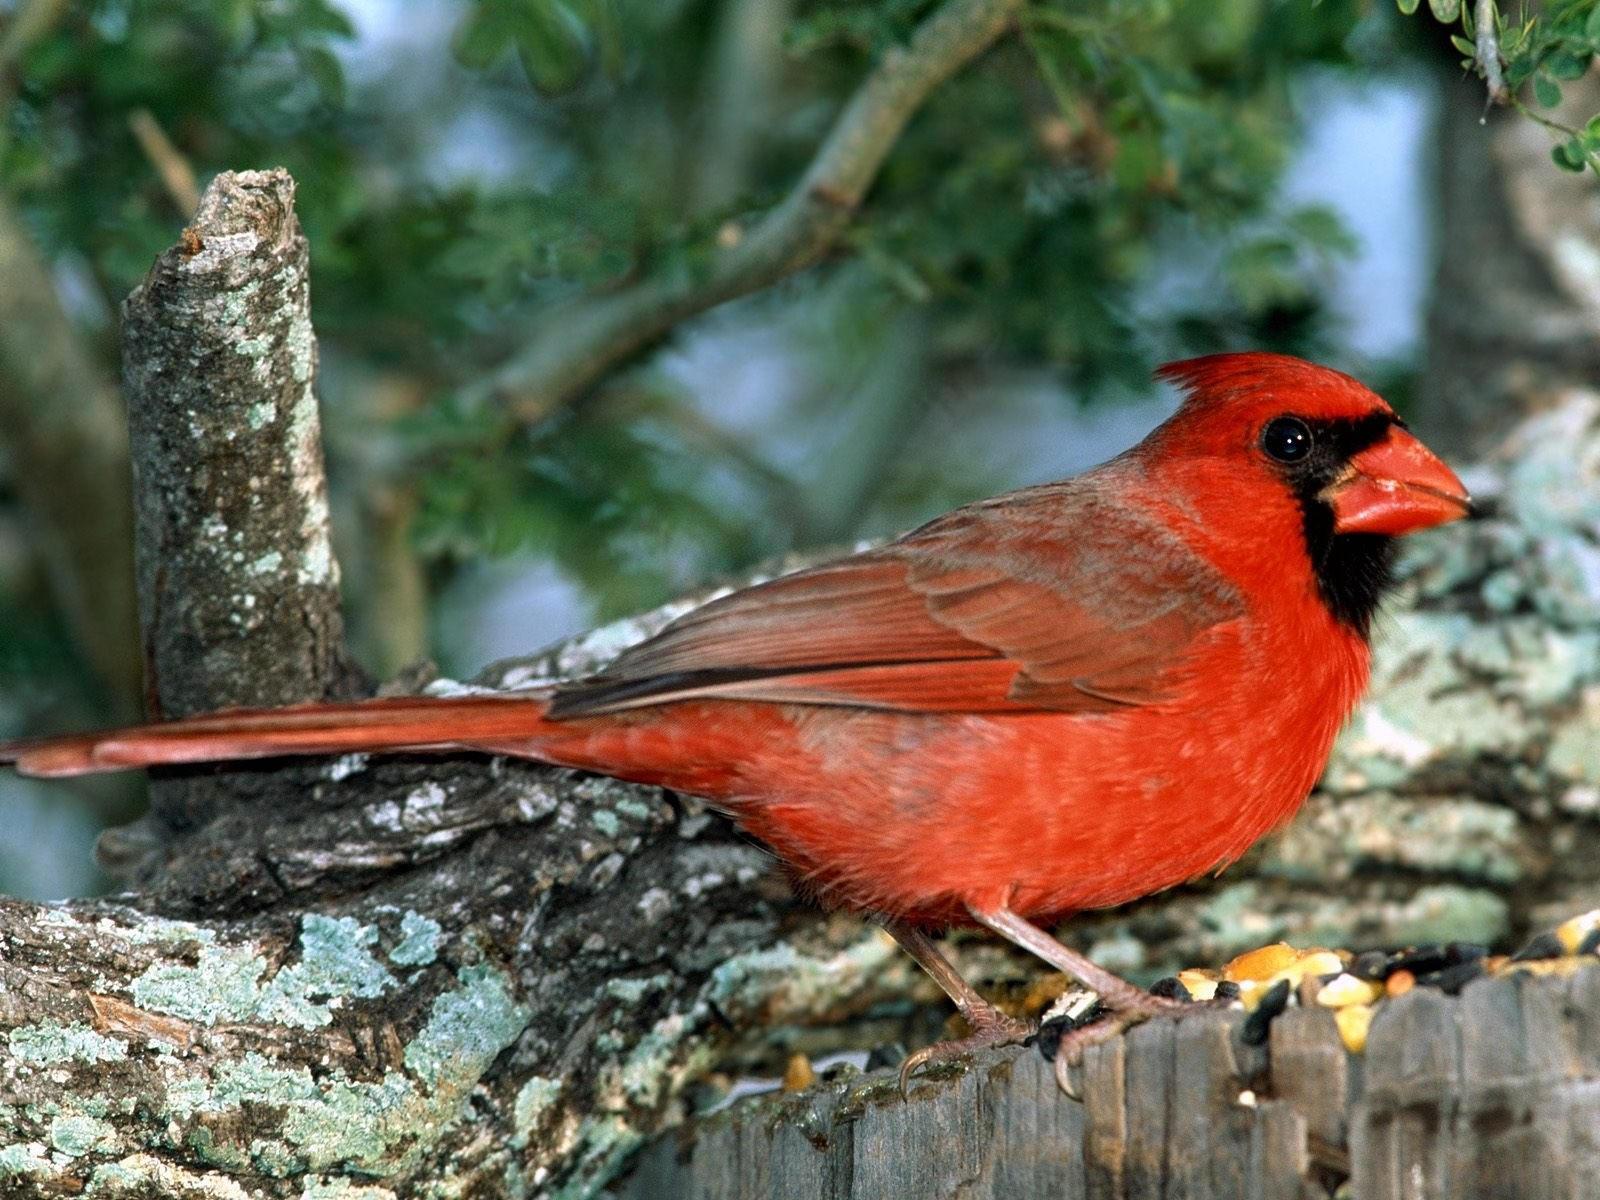 Птичка с красной окраской на дереве